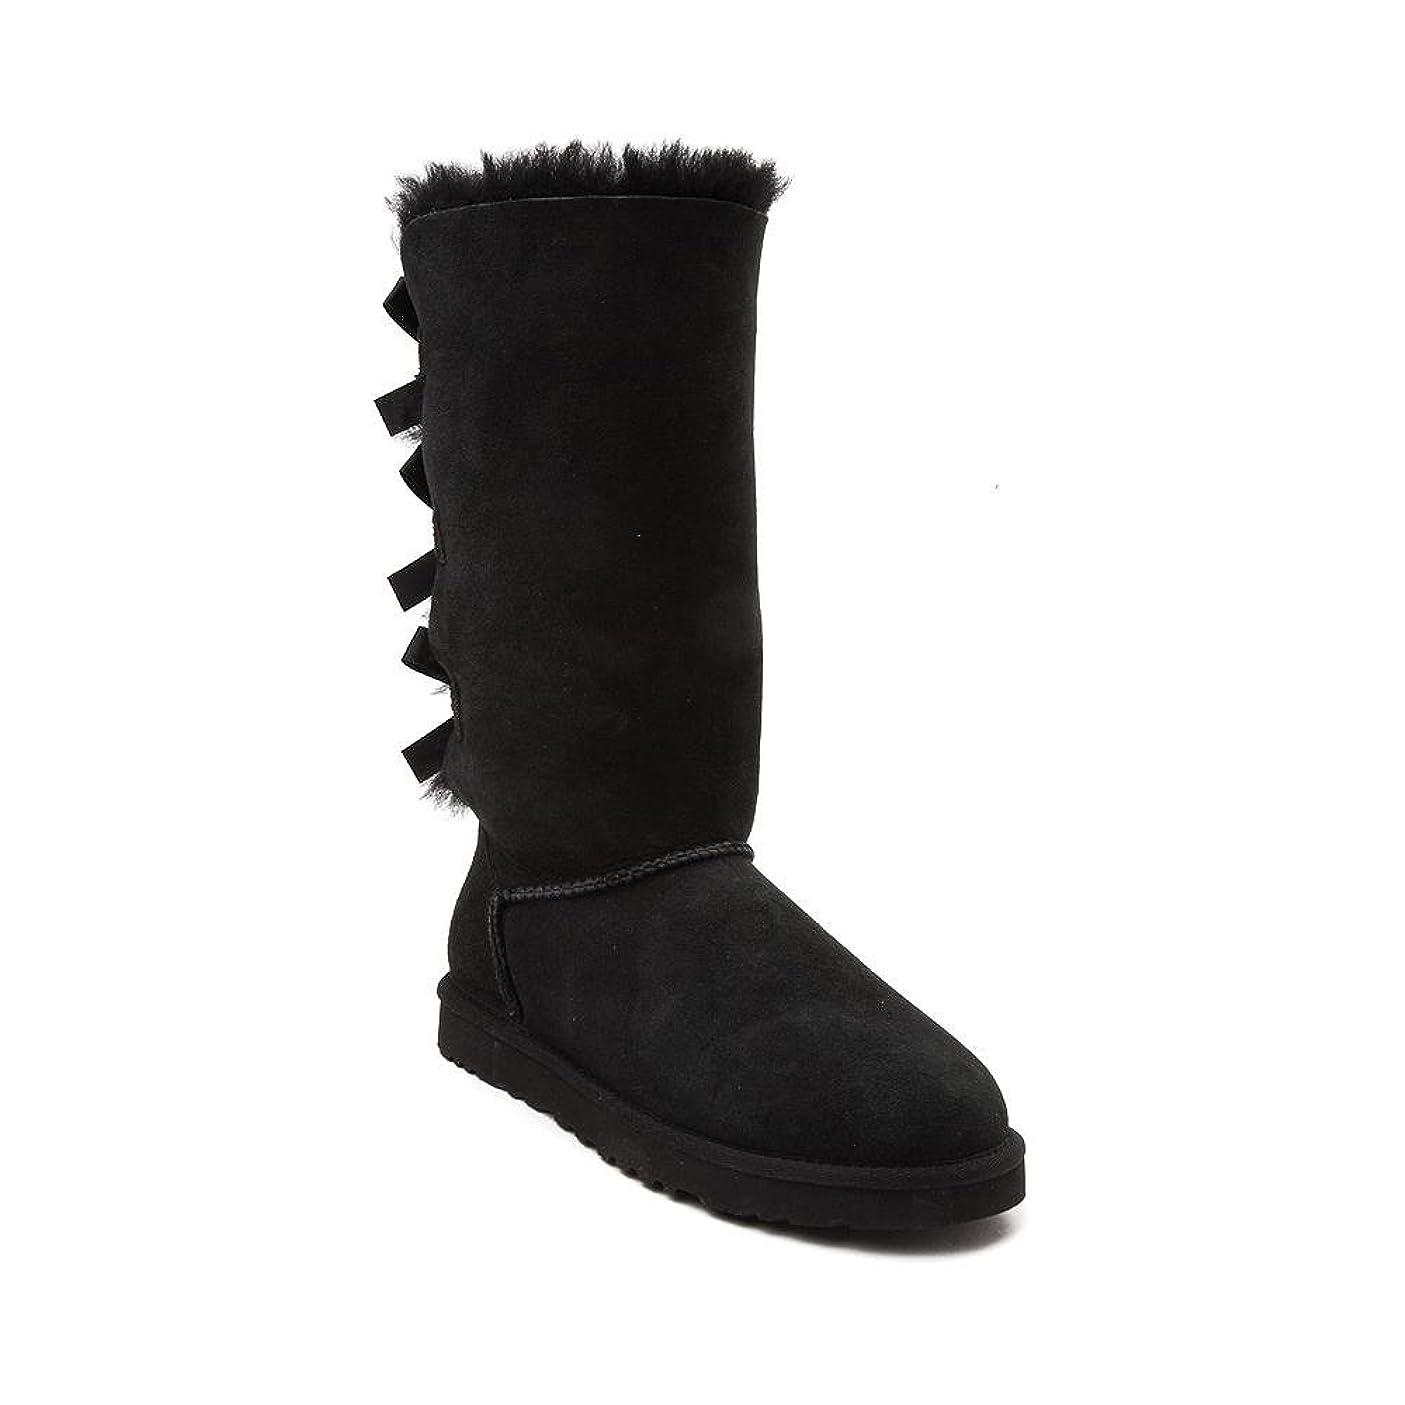 ボット硬さにもかかわらず[UGG(アグ)] 靴?シューズ レディースブーツ Womens UGG Bailey Bow II Tall Boot [並行輸入品]